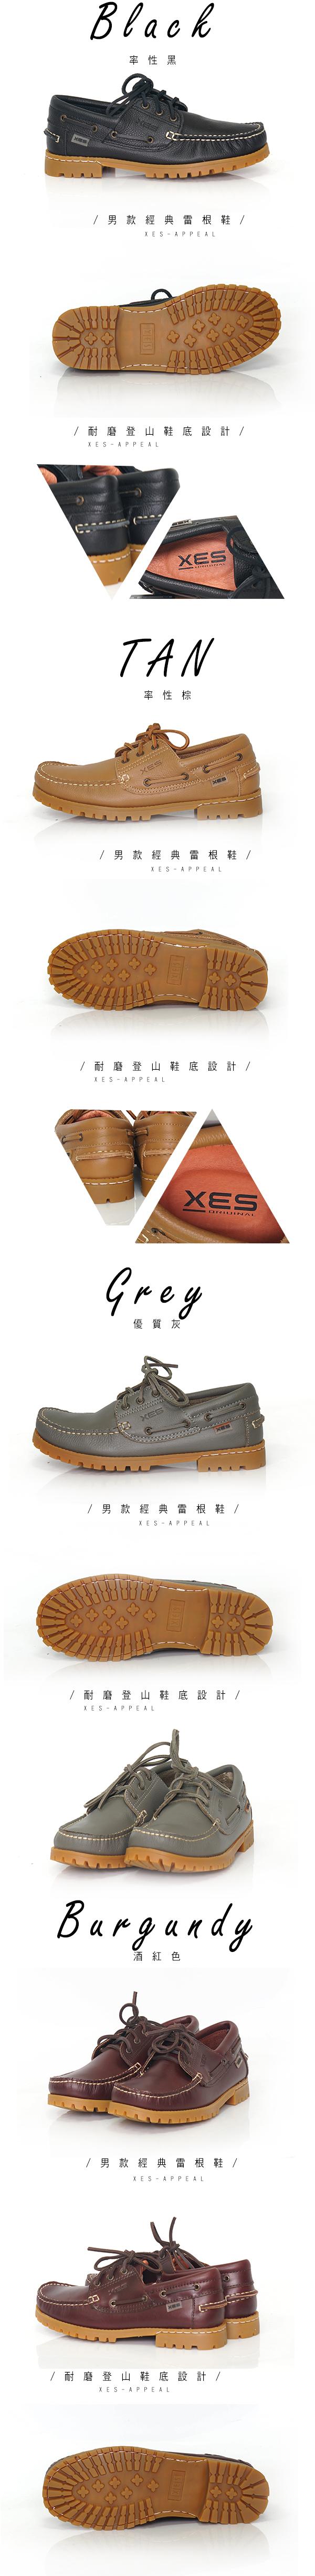 XES,男款,經典 時尚,雷根帆船鞋,防滑舒適大底,率性黑/優質棕/實穿灰/耐看酒紅, 男鞋,百貨專櫃鞋,必備單品,正式,休閒